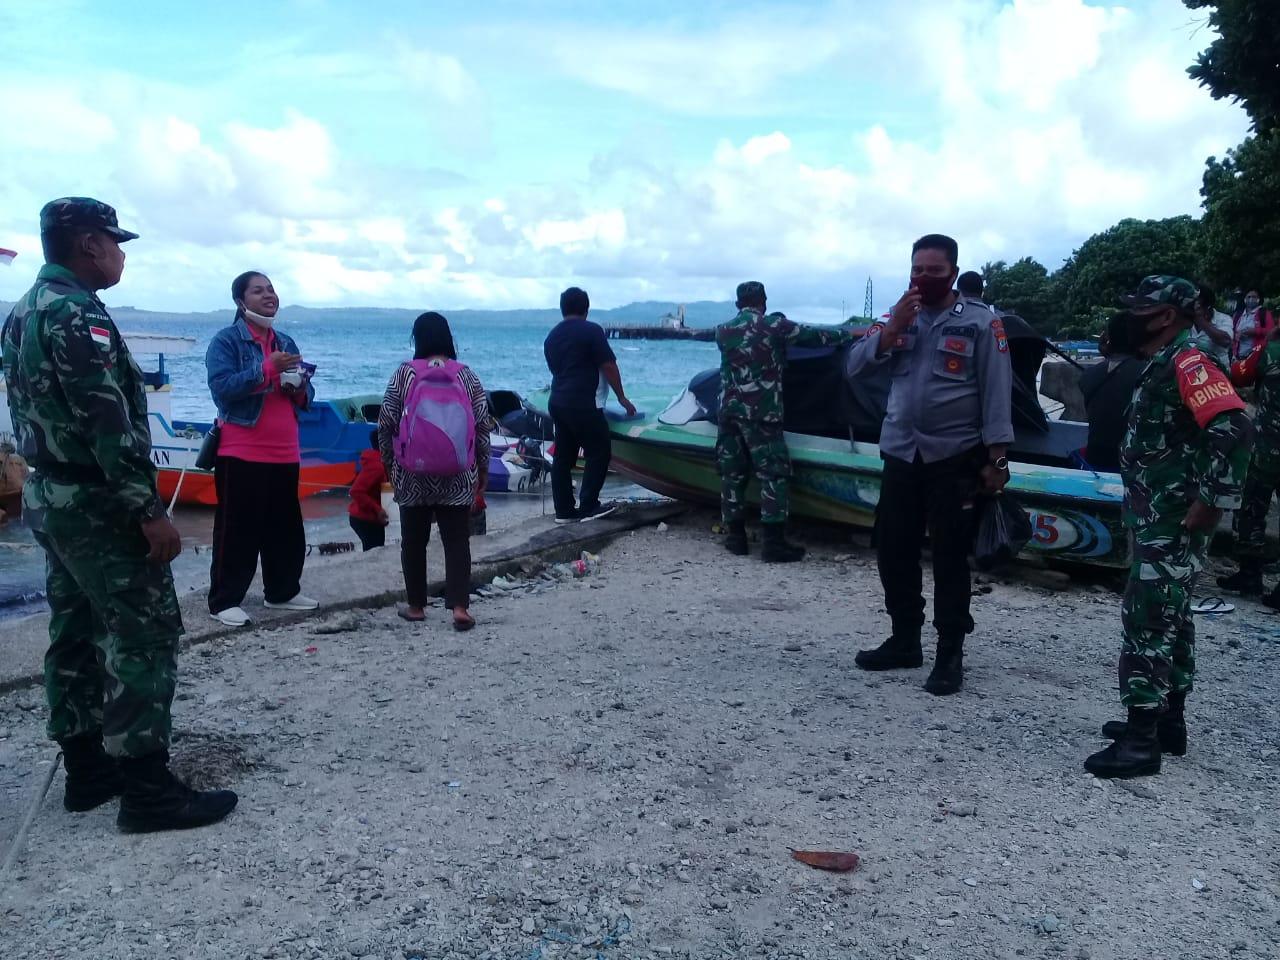 TNI-POLRI BERSAMA GUGUS TUGAS KECAMATAN KABARUAN MEMANTAU PELAKU PERJALANAN DI PELABUHAN TRADISIONAL DESA MANGARAN